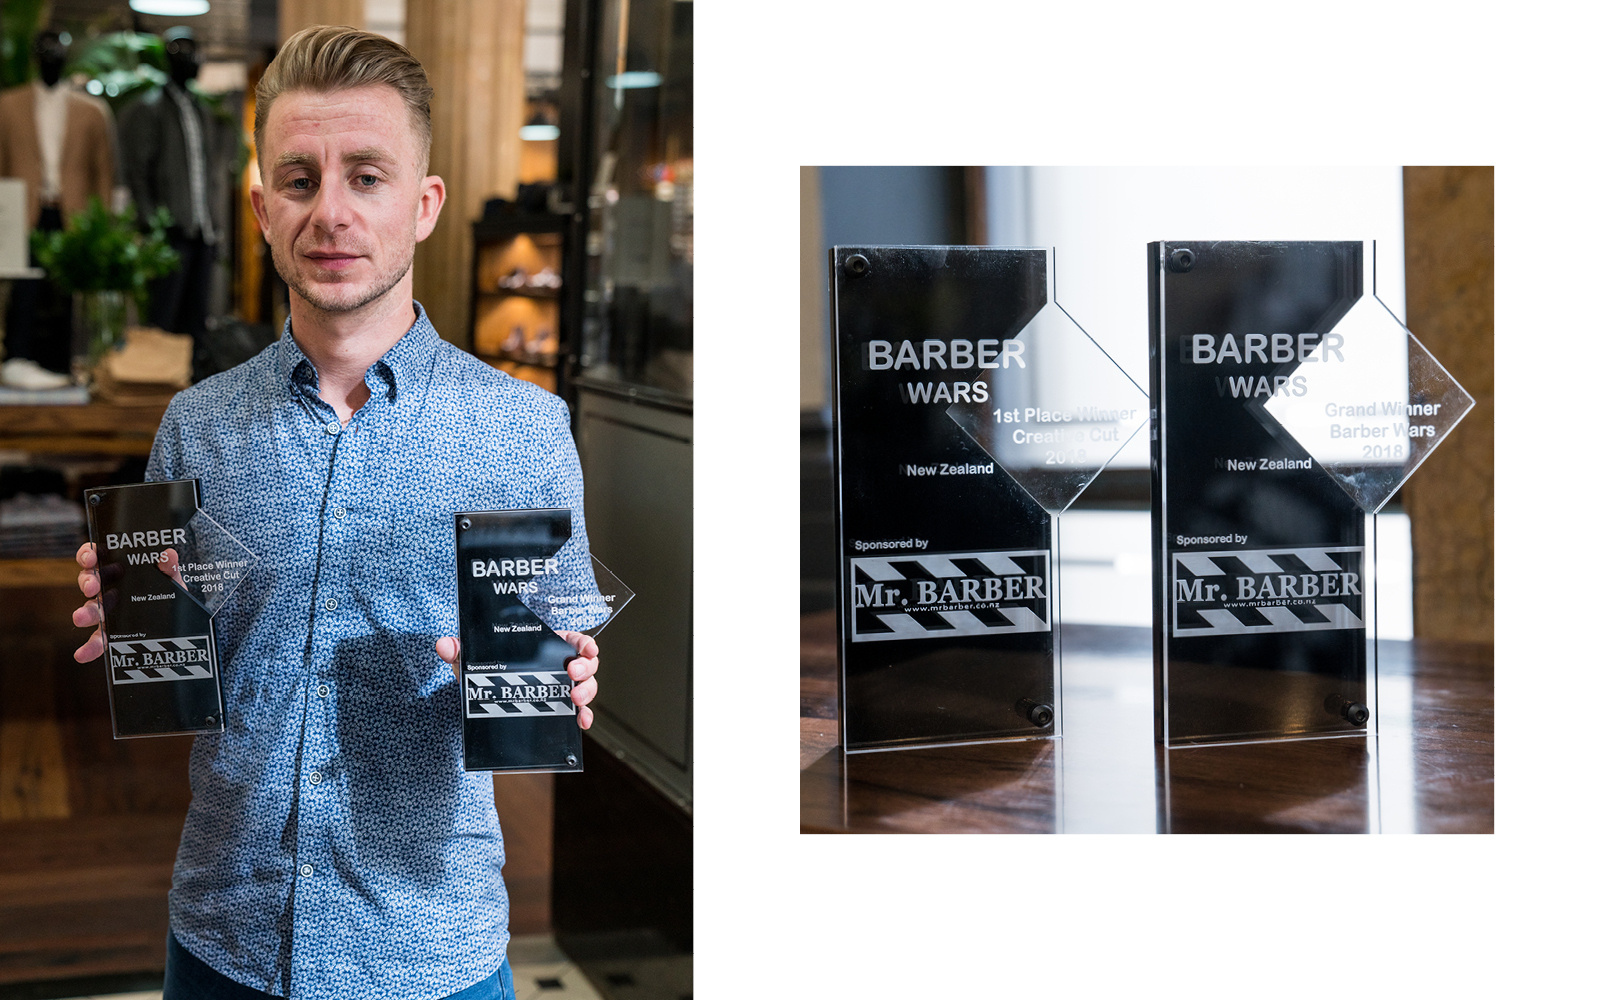 GR Barber Wars Jeremy